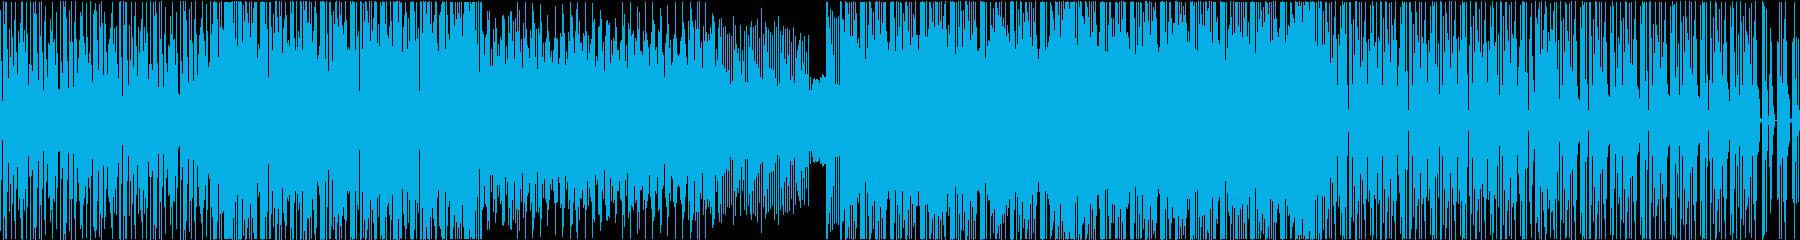 EDM トロピカル レゲエ 楽しい LPの再生済みの波形